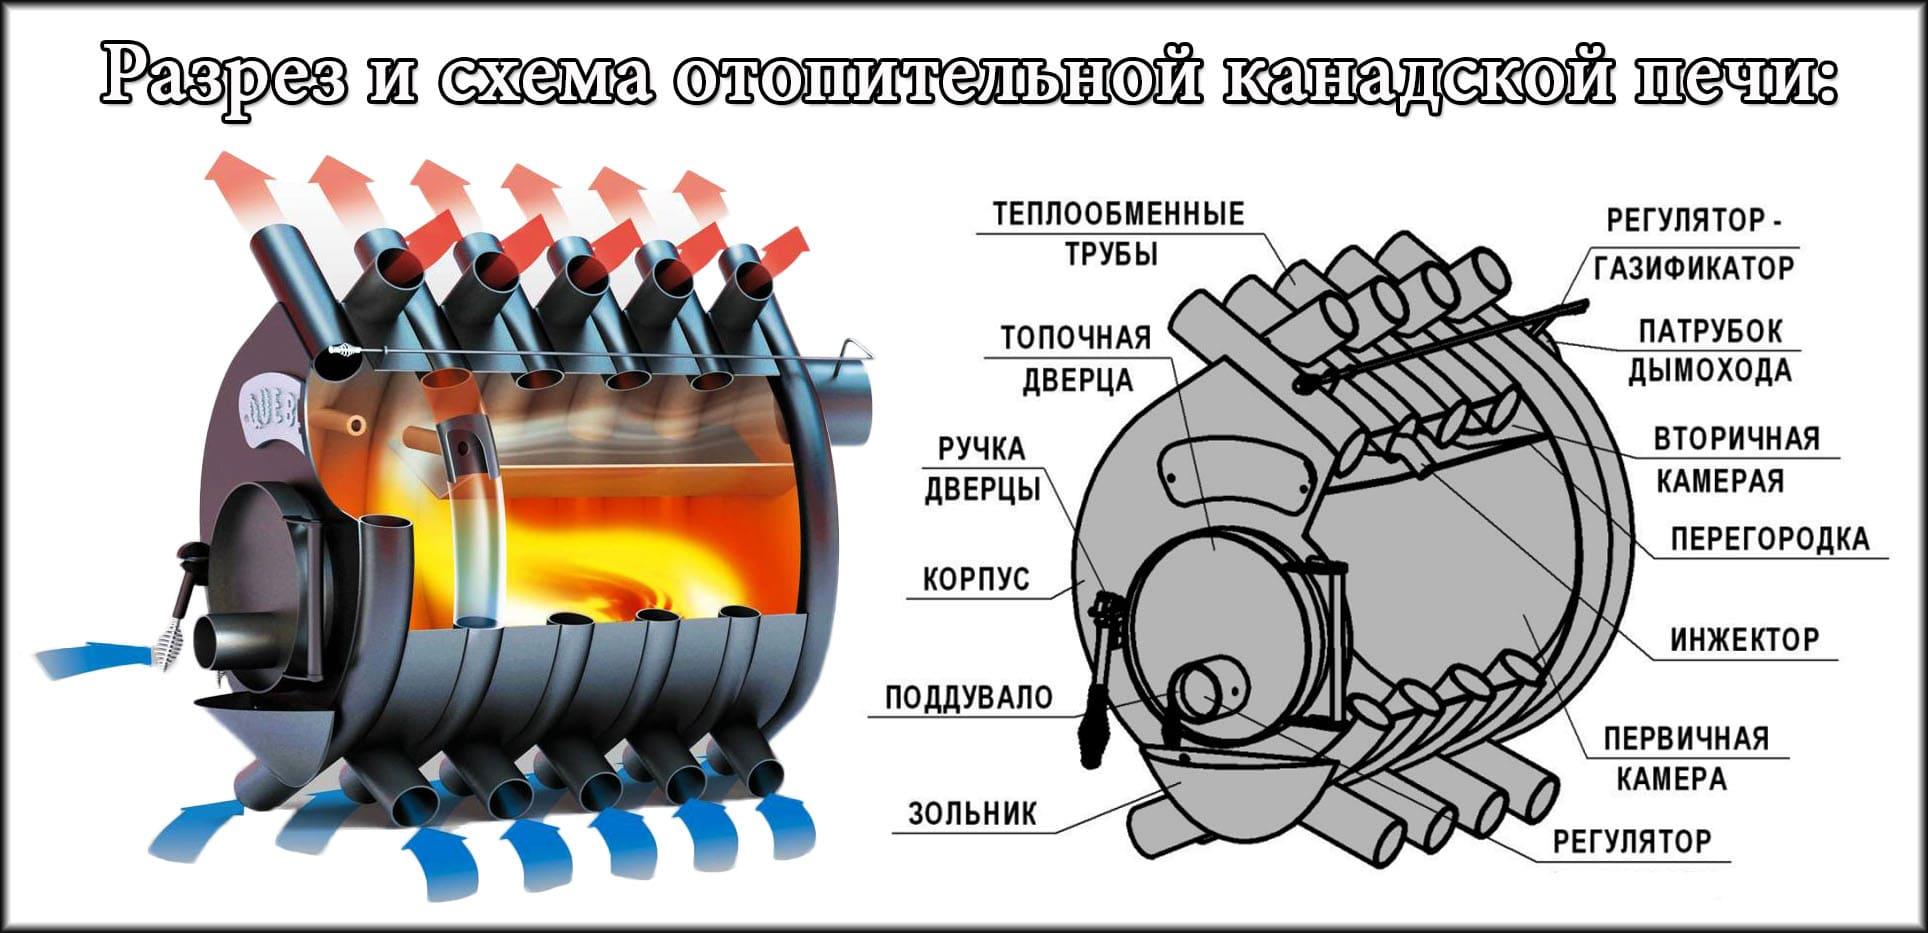 Галина ромашкова схема трубы